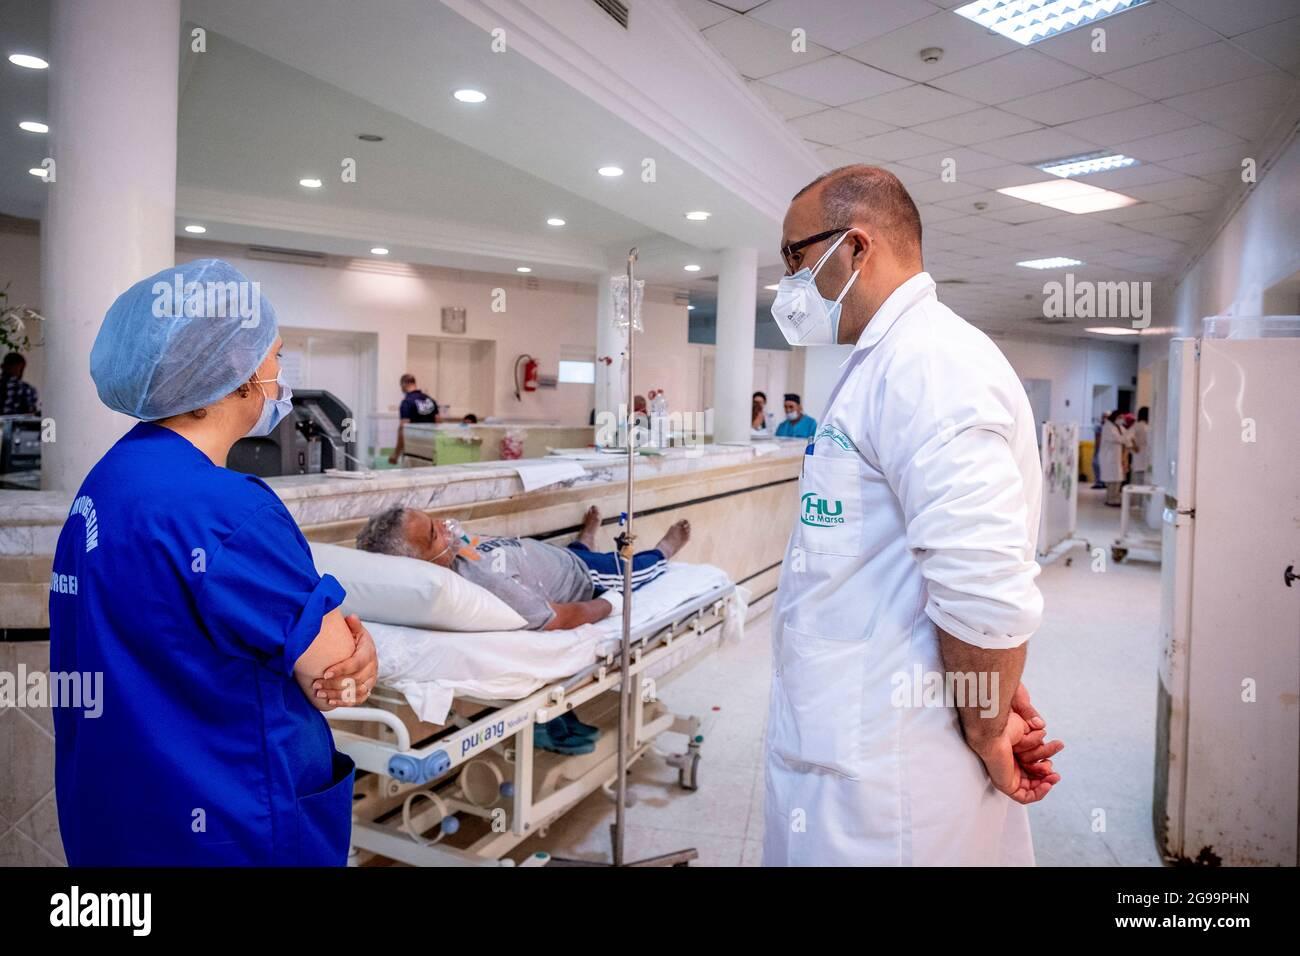 Am 23. Juli 2021 in der Notaufnahme des Krankenhauses Mongi Slim in La Marsa, einem nördlichen Vorort von Tunis, Tunesien. Der Abteilungsleiter, Dr. Nour Nouira, muss mit seinem Team eine sehr angespannte tägliche Covid-19-Krise bewältigen. Alle Räume, Hallen und Korridore des Dienstes werden für Covid-Fälle angefordert, während gleichzeitig tägliche Notfälle verwaltet werden. Die durch die Überlastung der Patienten stark angetriebenen Spannungen des Sauerstoffflusses sind neben der Unterbesetzung des Personals gegenüber der Variante Delta das Hauptproblem. Foto von Nicolas Fauque/Images de Tunisie/ABACAPRESS.COM Stockfoto